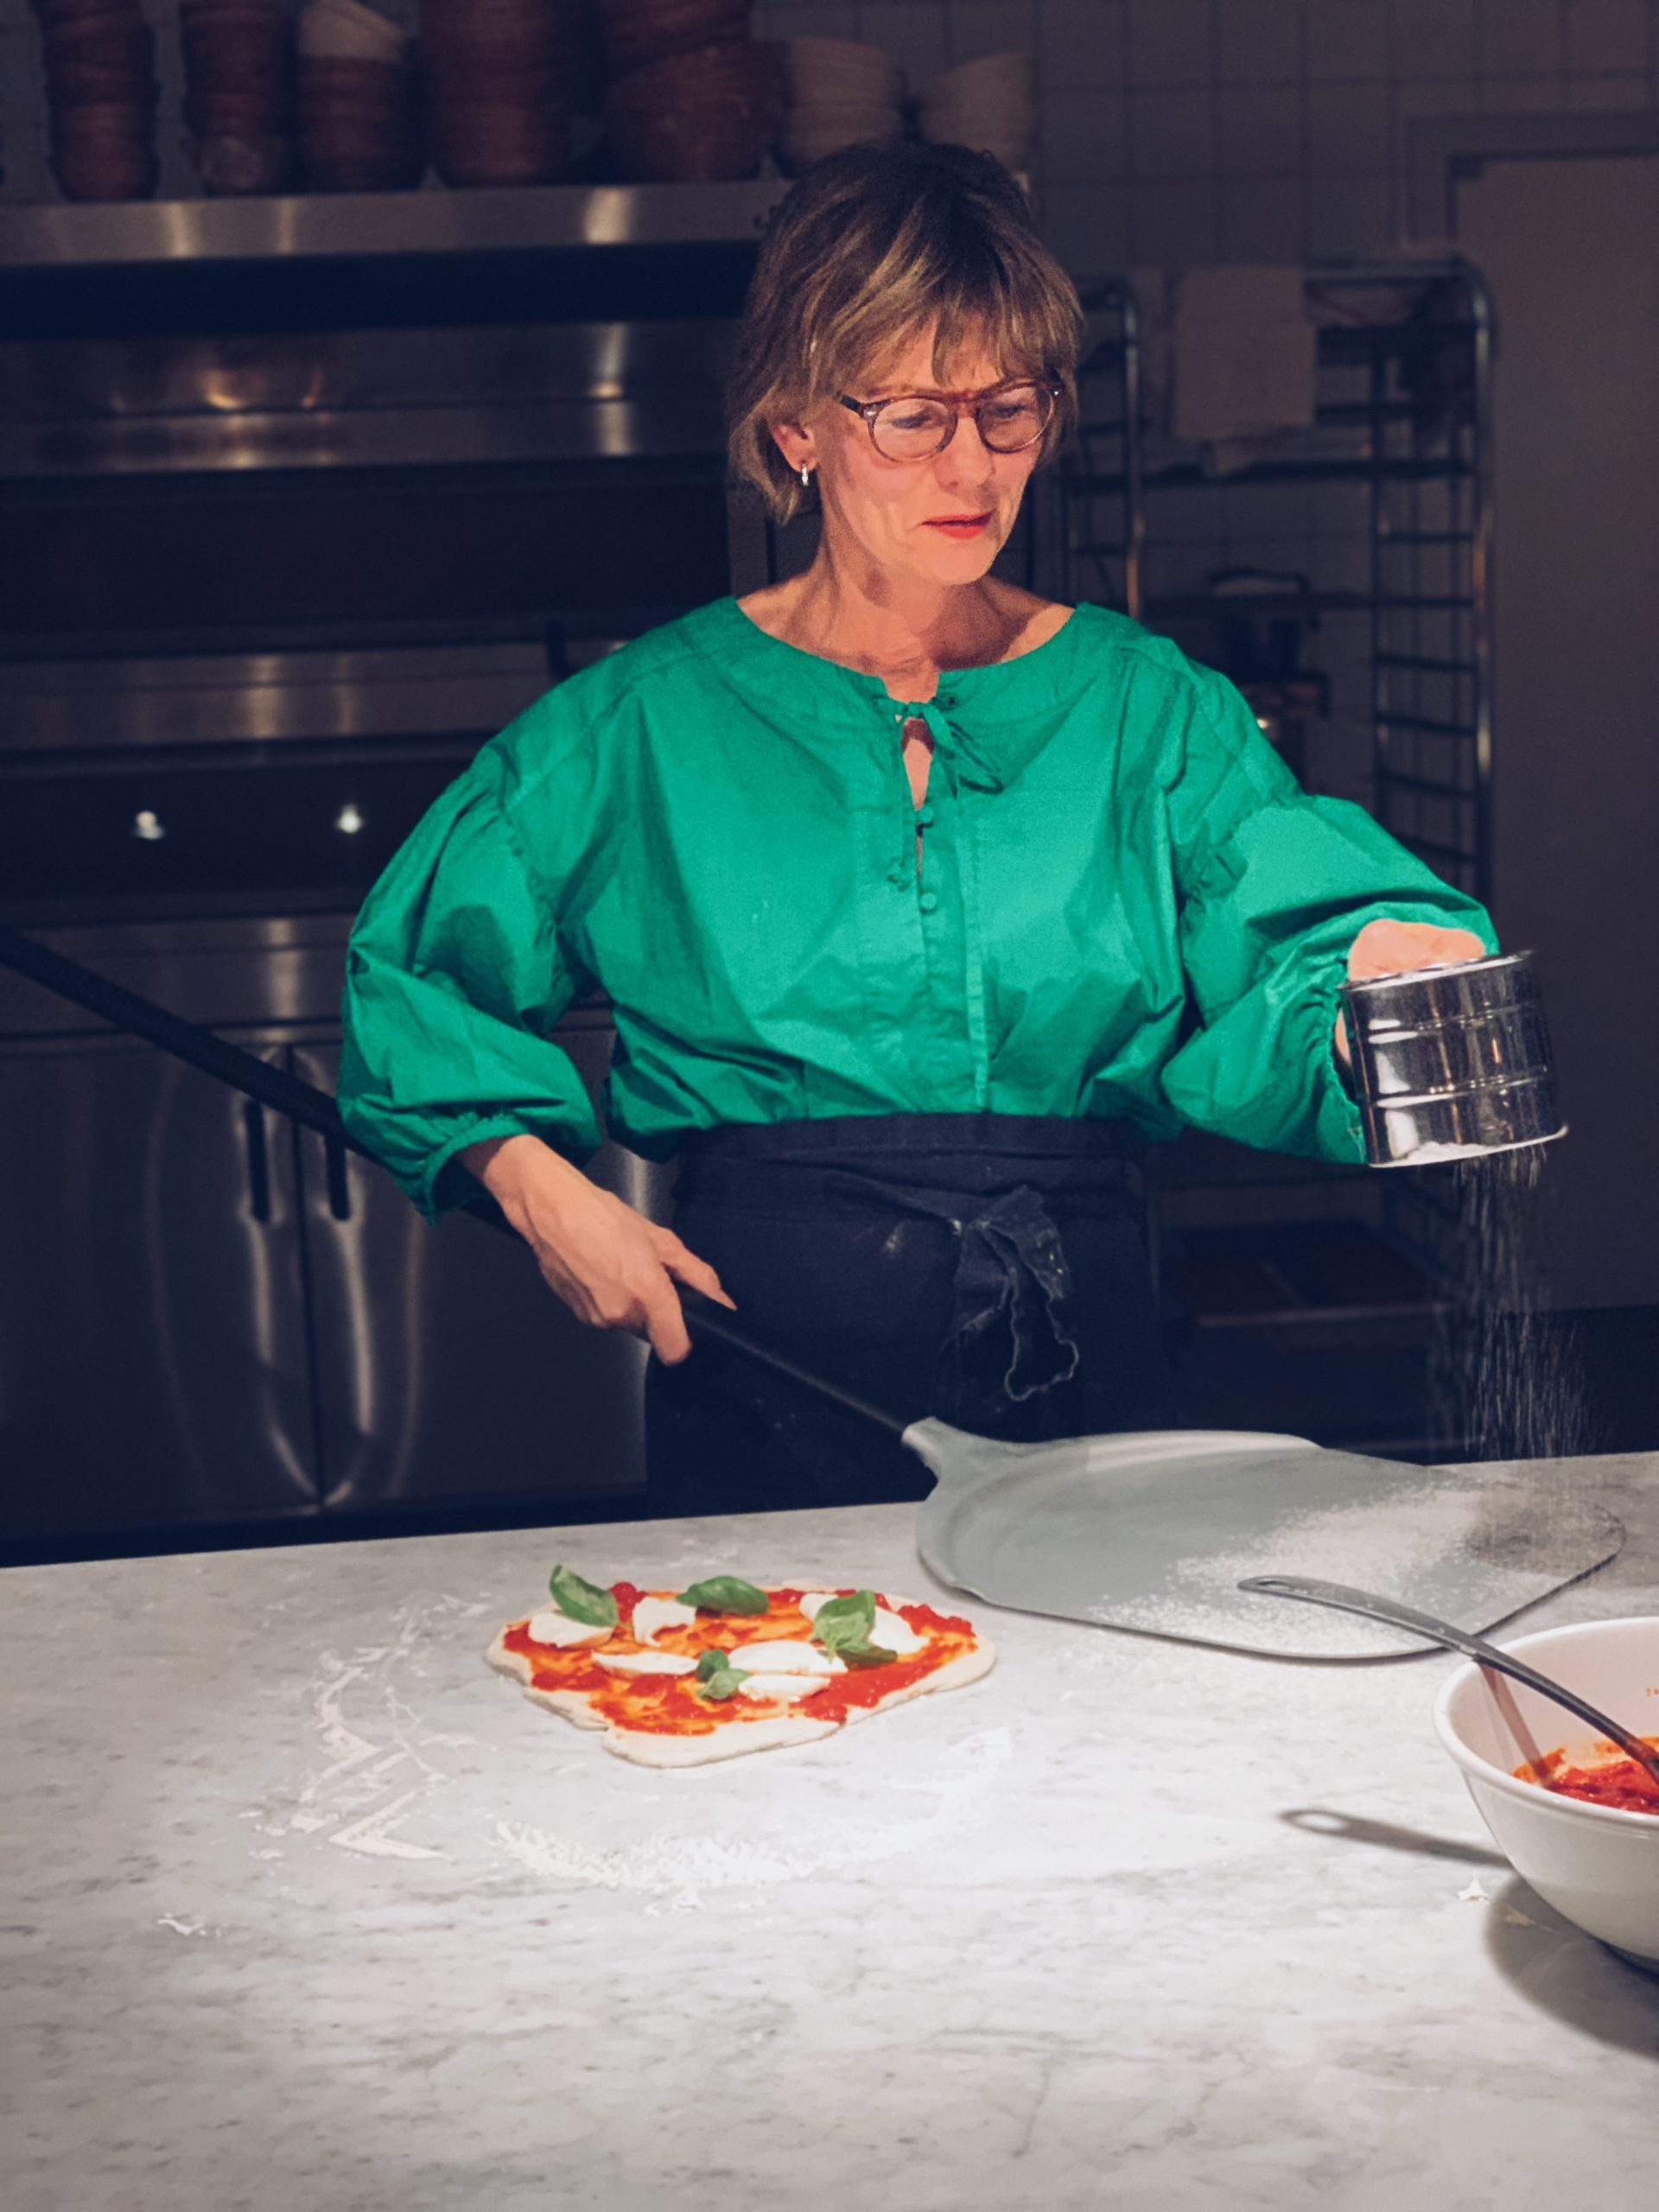 Pizzabak evenemang